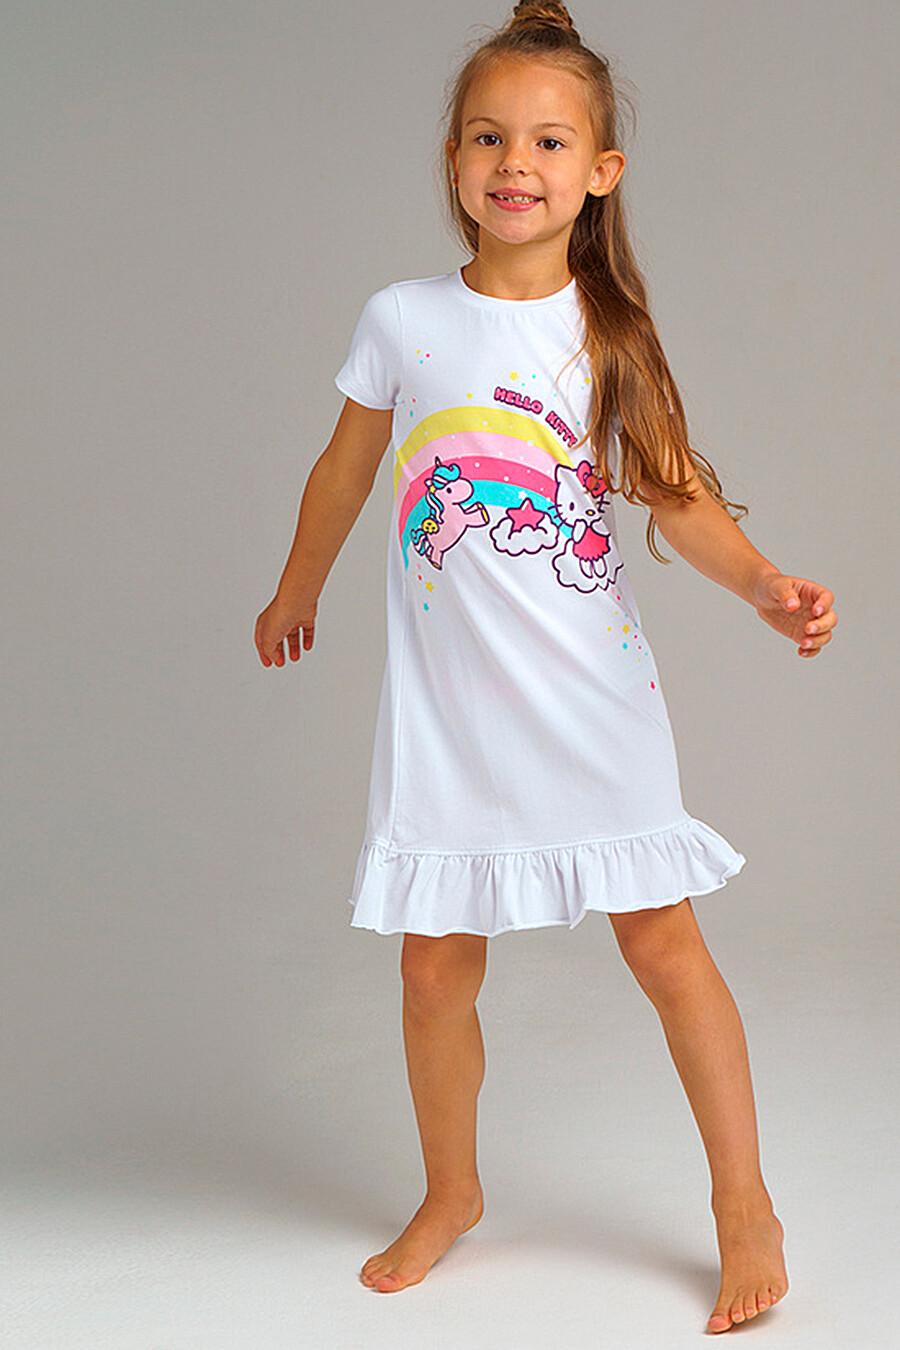 Сорочка для девочек PLAYTODAY 239430 купить оптом от производителя. Совместная покупка детской одежды в OptMoyo